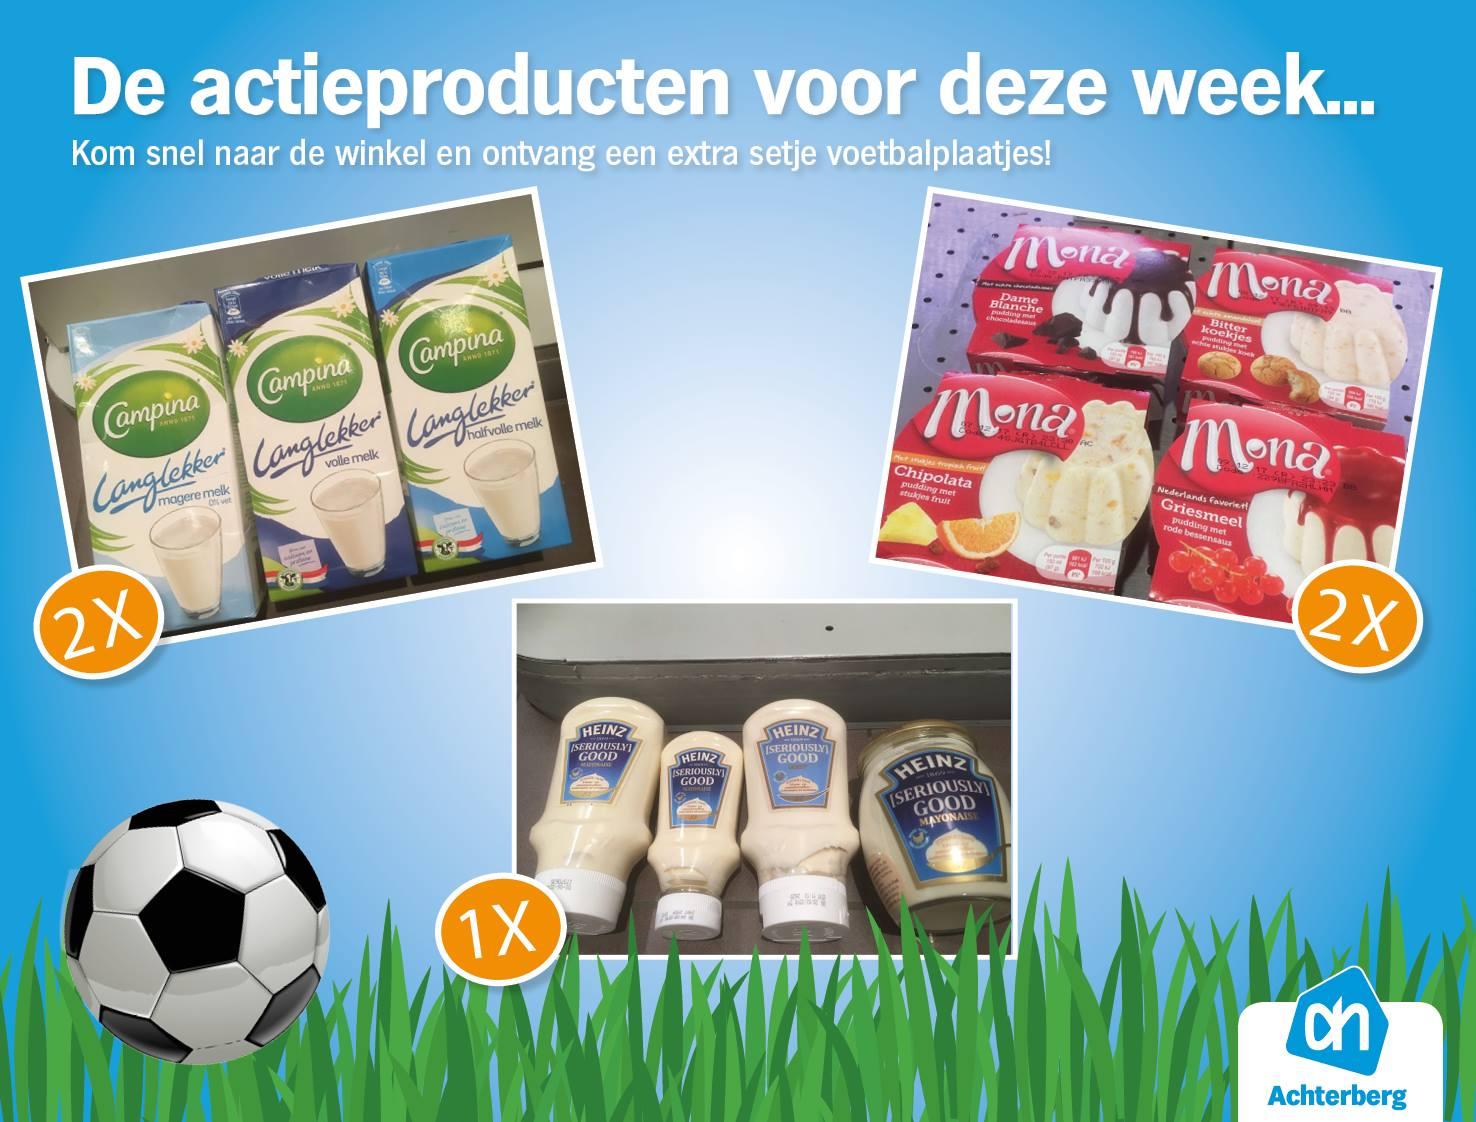 Deze week… extra voetbalplaatjes bij actieproducten!